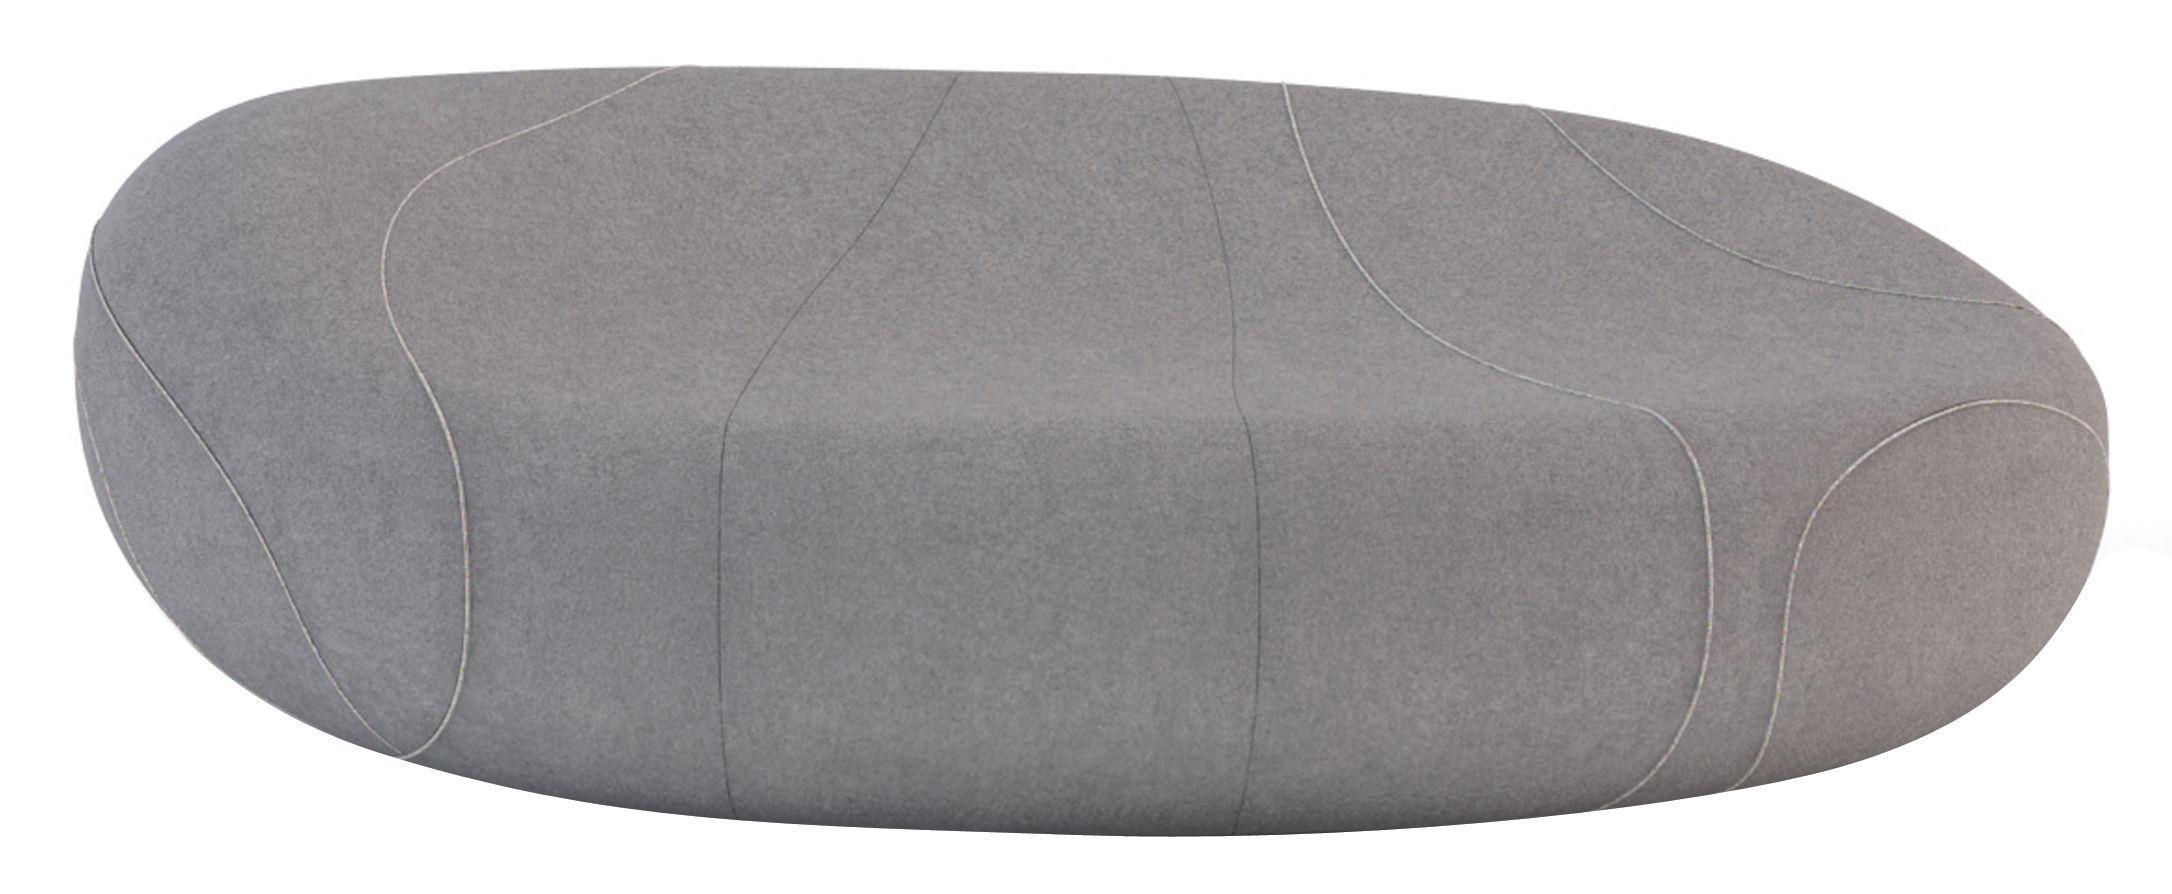 Möbel - Sofas - Gilda Livingstones Sofa / Wolle - für den Inneneinsatz - 190 x 138 cm - Smarin - Dunkelgrau - 190 x 138 cm / H 70 cm - Bultex, Wolle